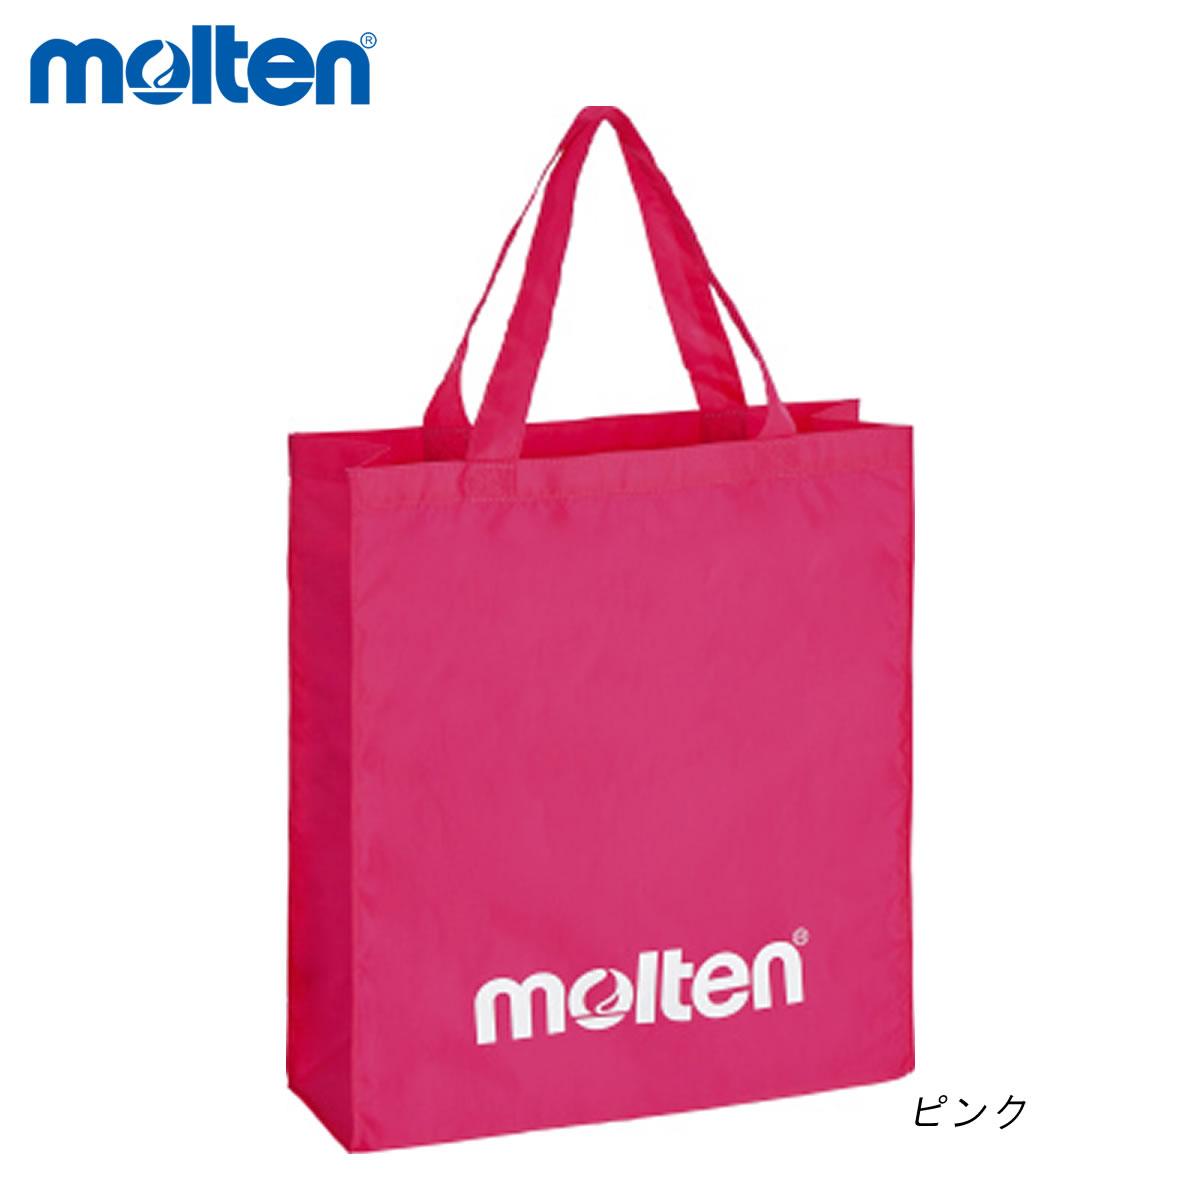 molten KM0080-P トートバッグ 高級 オールスポーツバッグ メール便可 取り寄せ タイムセール モルテン 2021